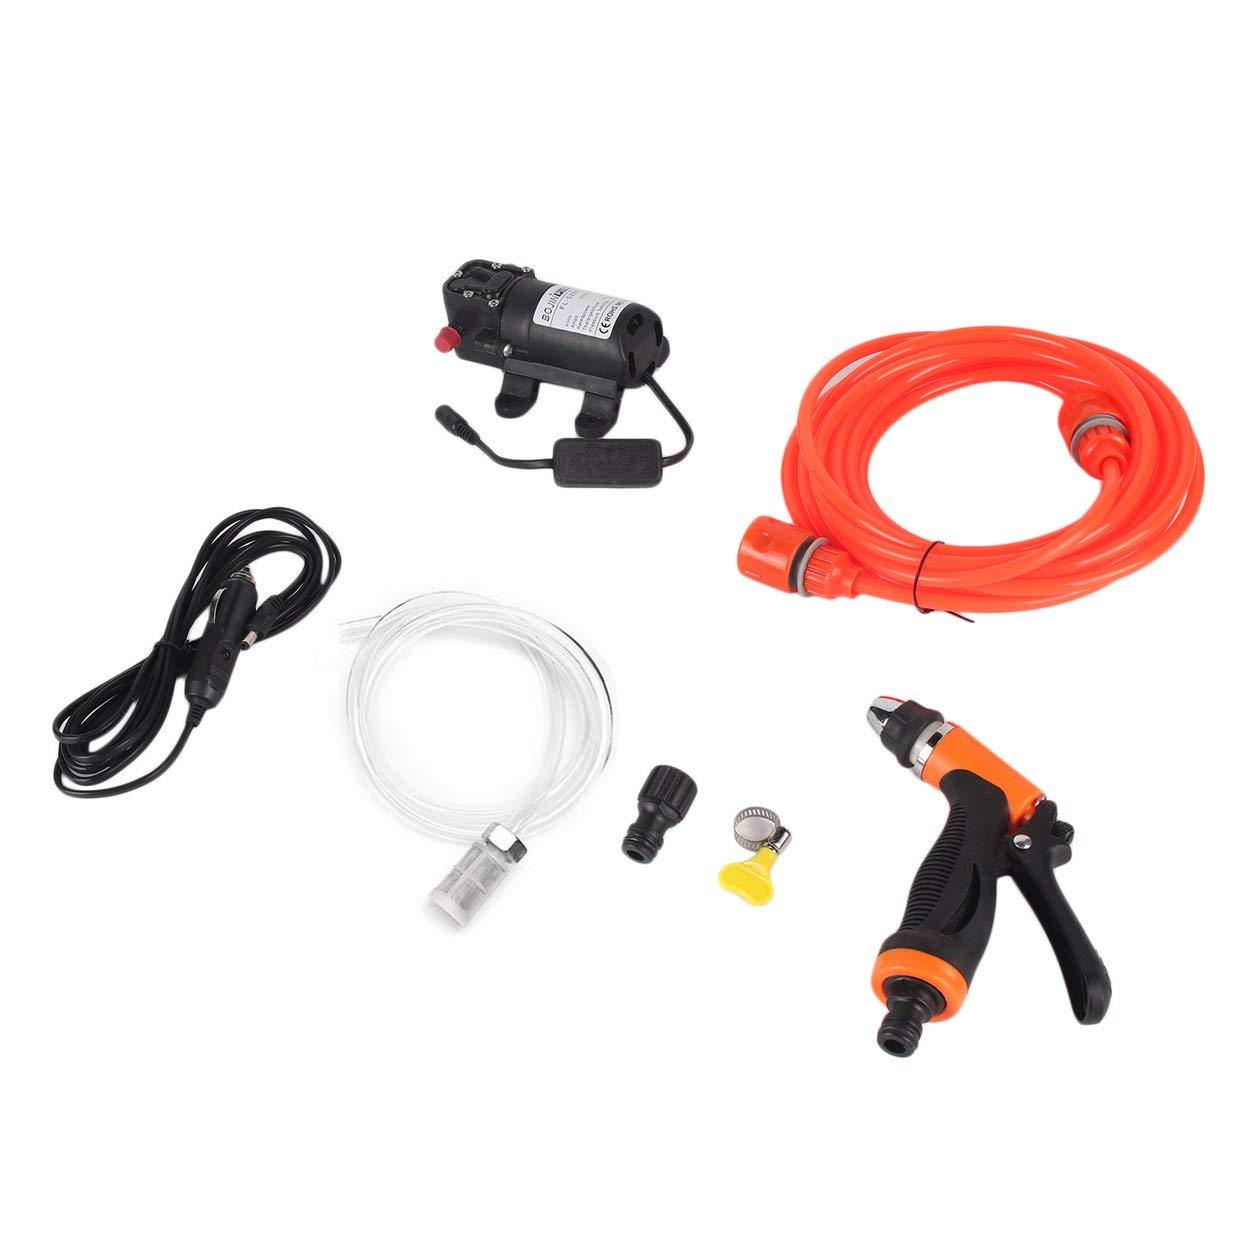 Elektrische-Autowaschmaschine-12V-Hochdruck-Autowaschpumpe-Autowaschwasserpistole-Englische-Version-fr-den-Hausgebrauch